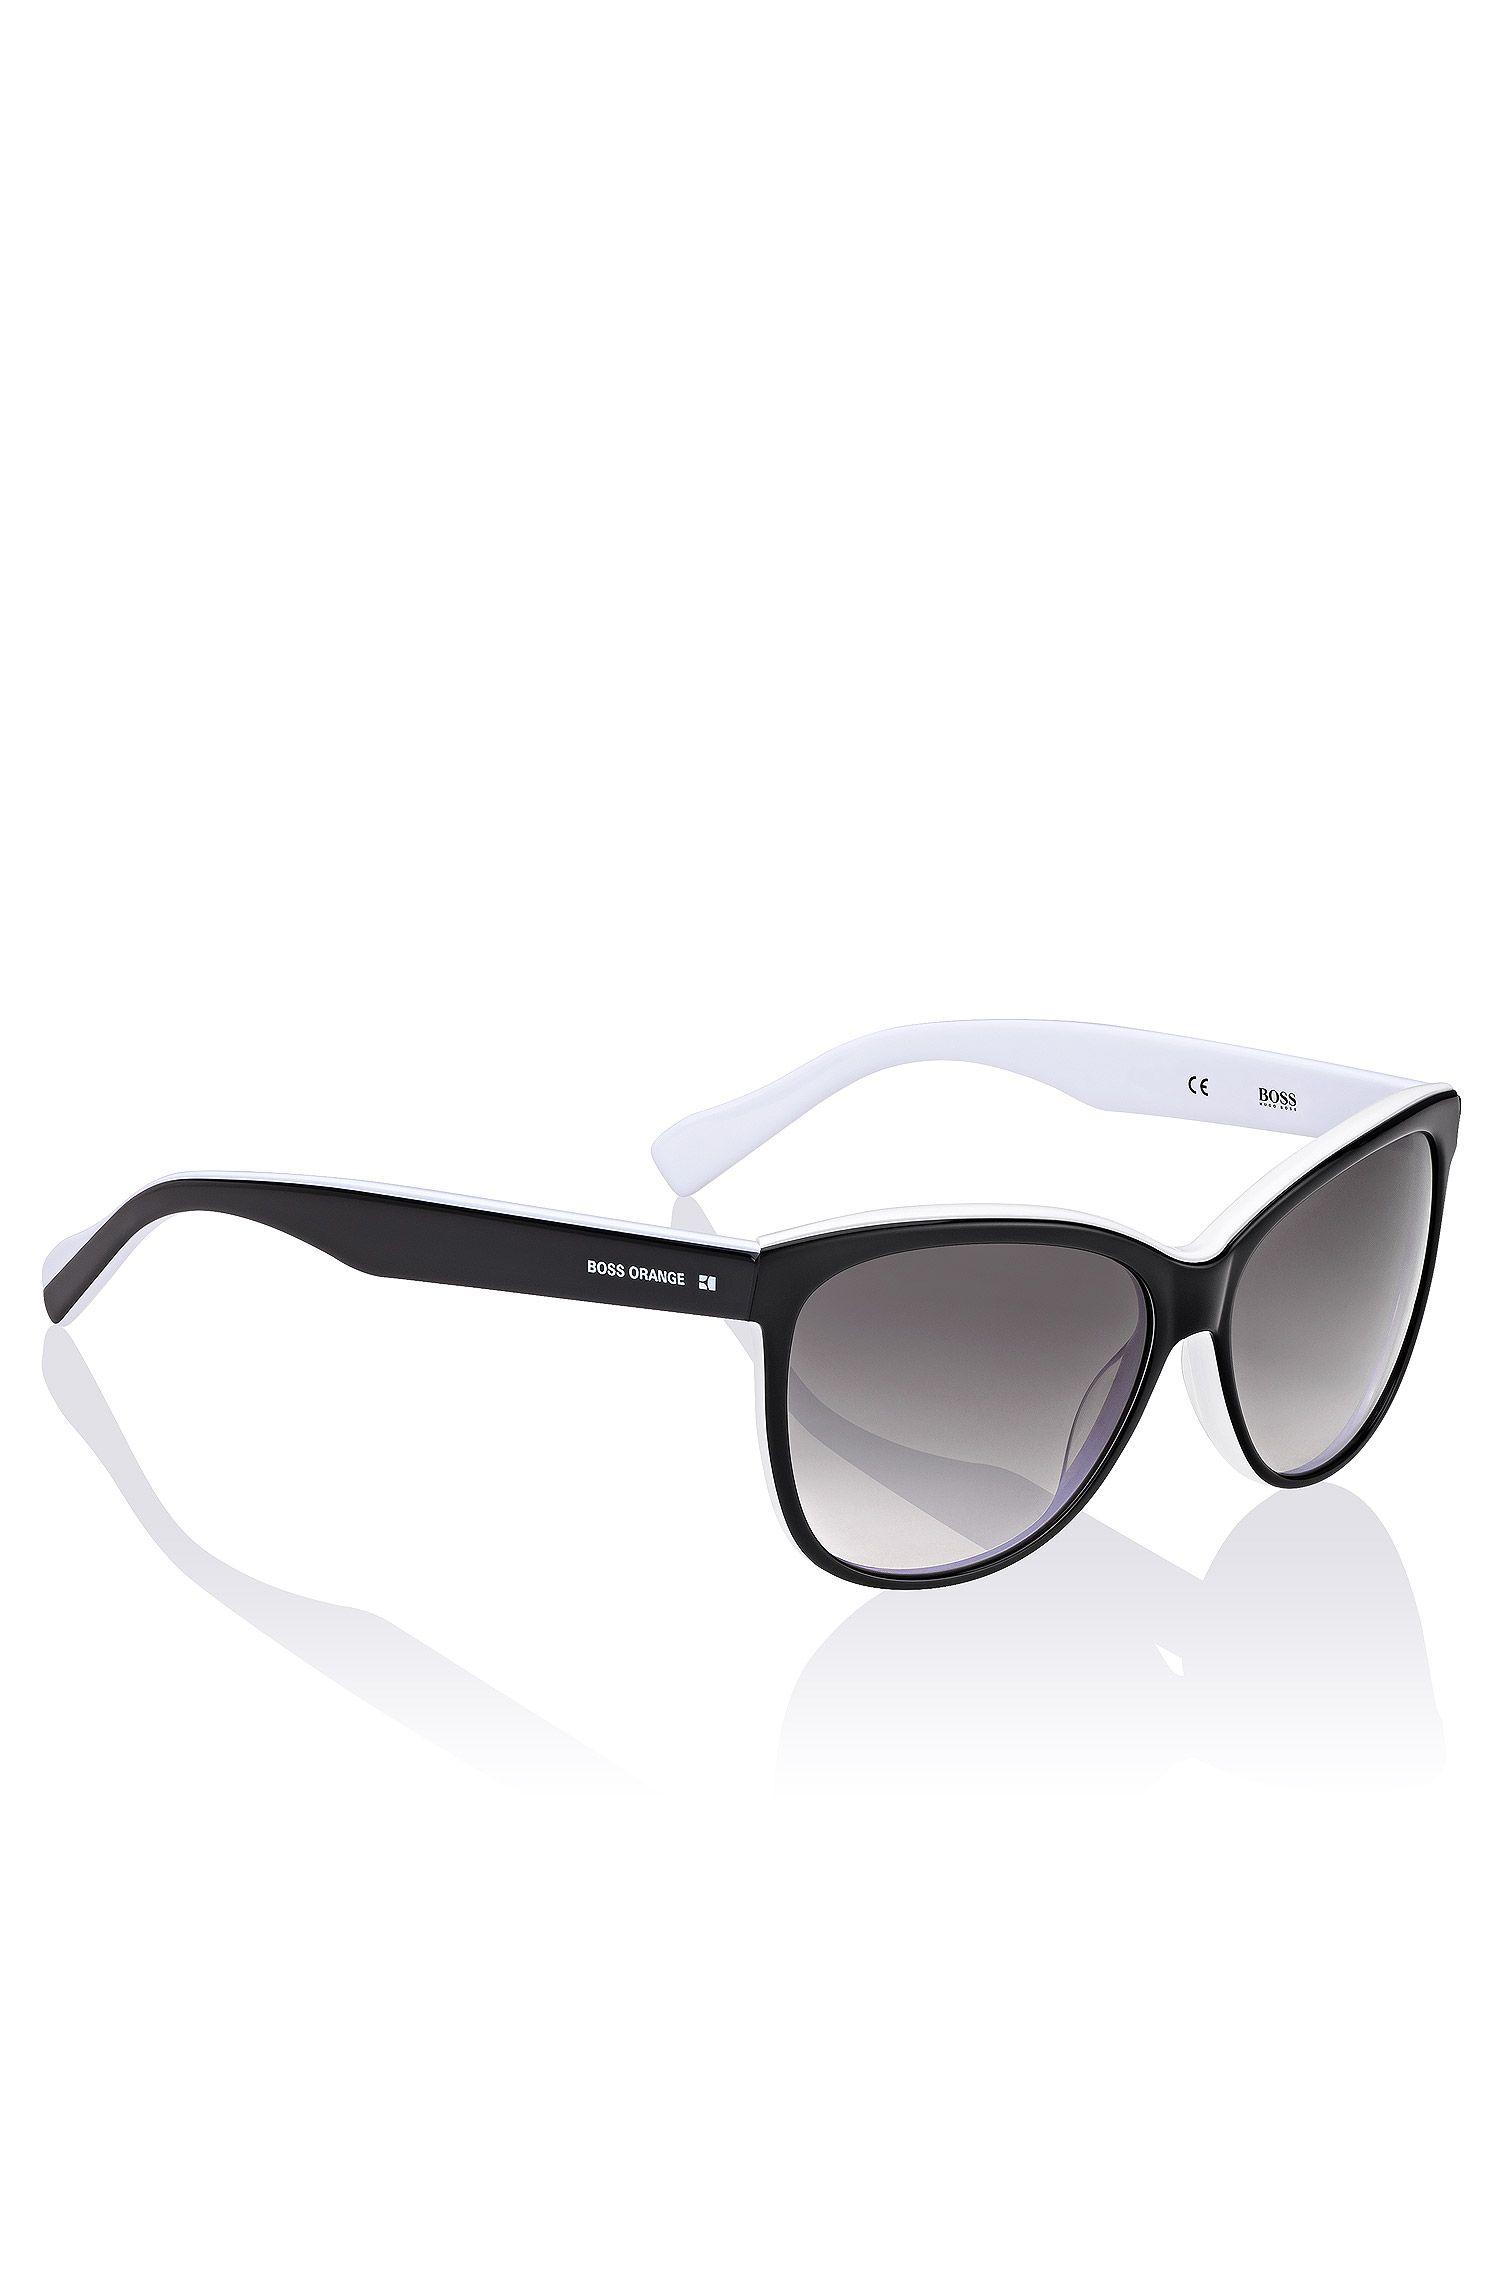 Cat-Eye-Sonnenbrille ´BO 0171/S` aus Acetat